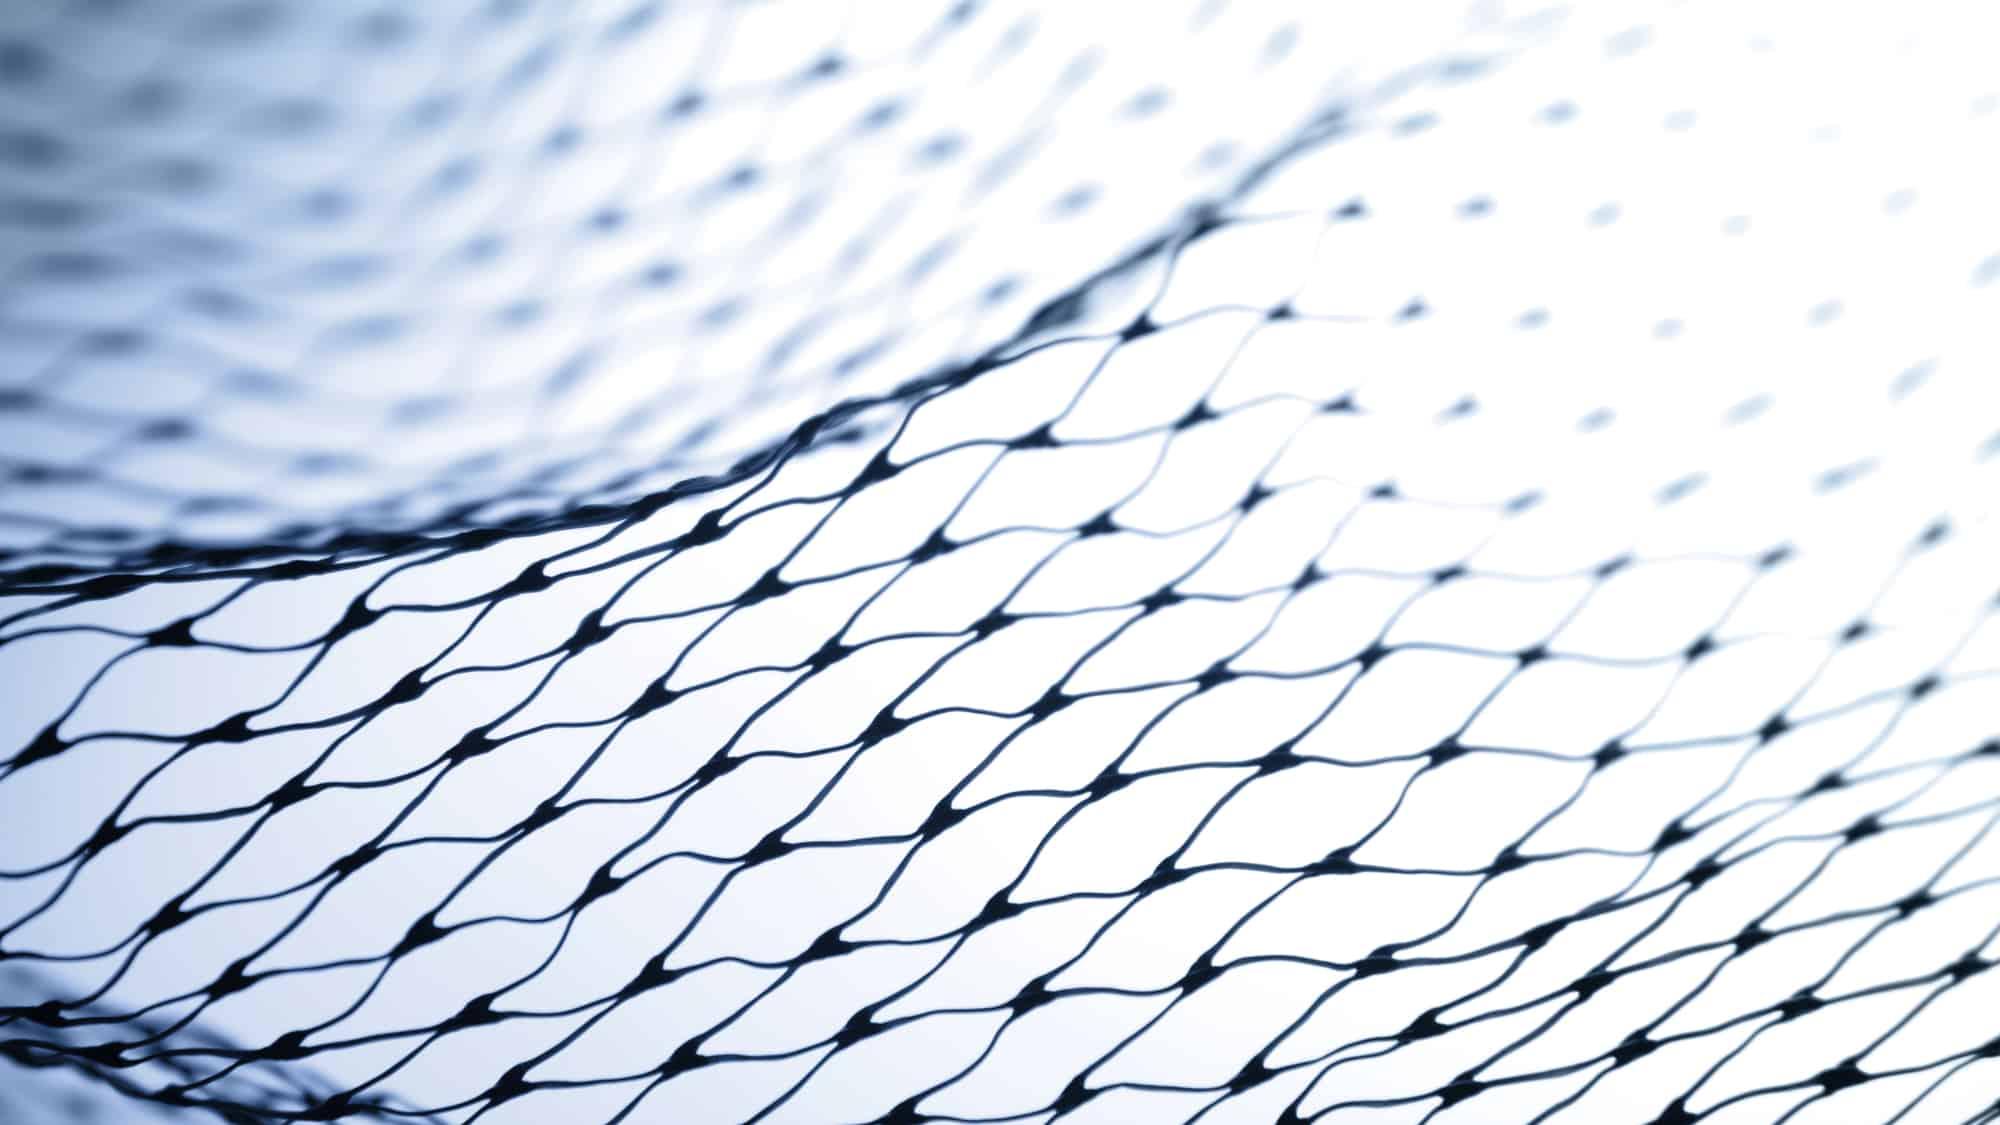 15m x 8m Aquagart Teichnetz Laubnetz engmaschig: Maschenweite 15mm x 15mm dunkelgr/ün Teichabdecknetz Vogelabwehrnetz Reihernetz robust